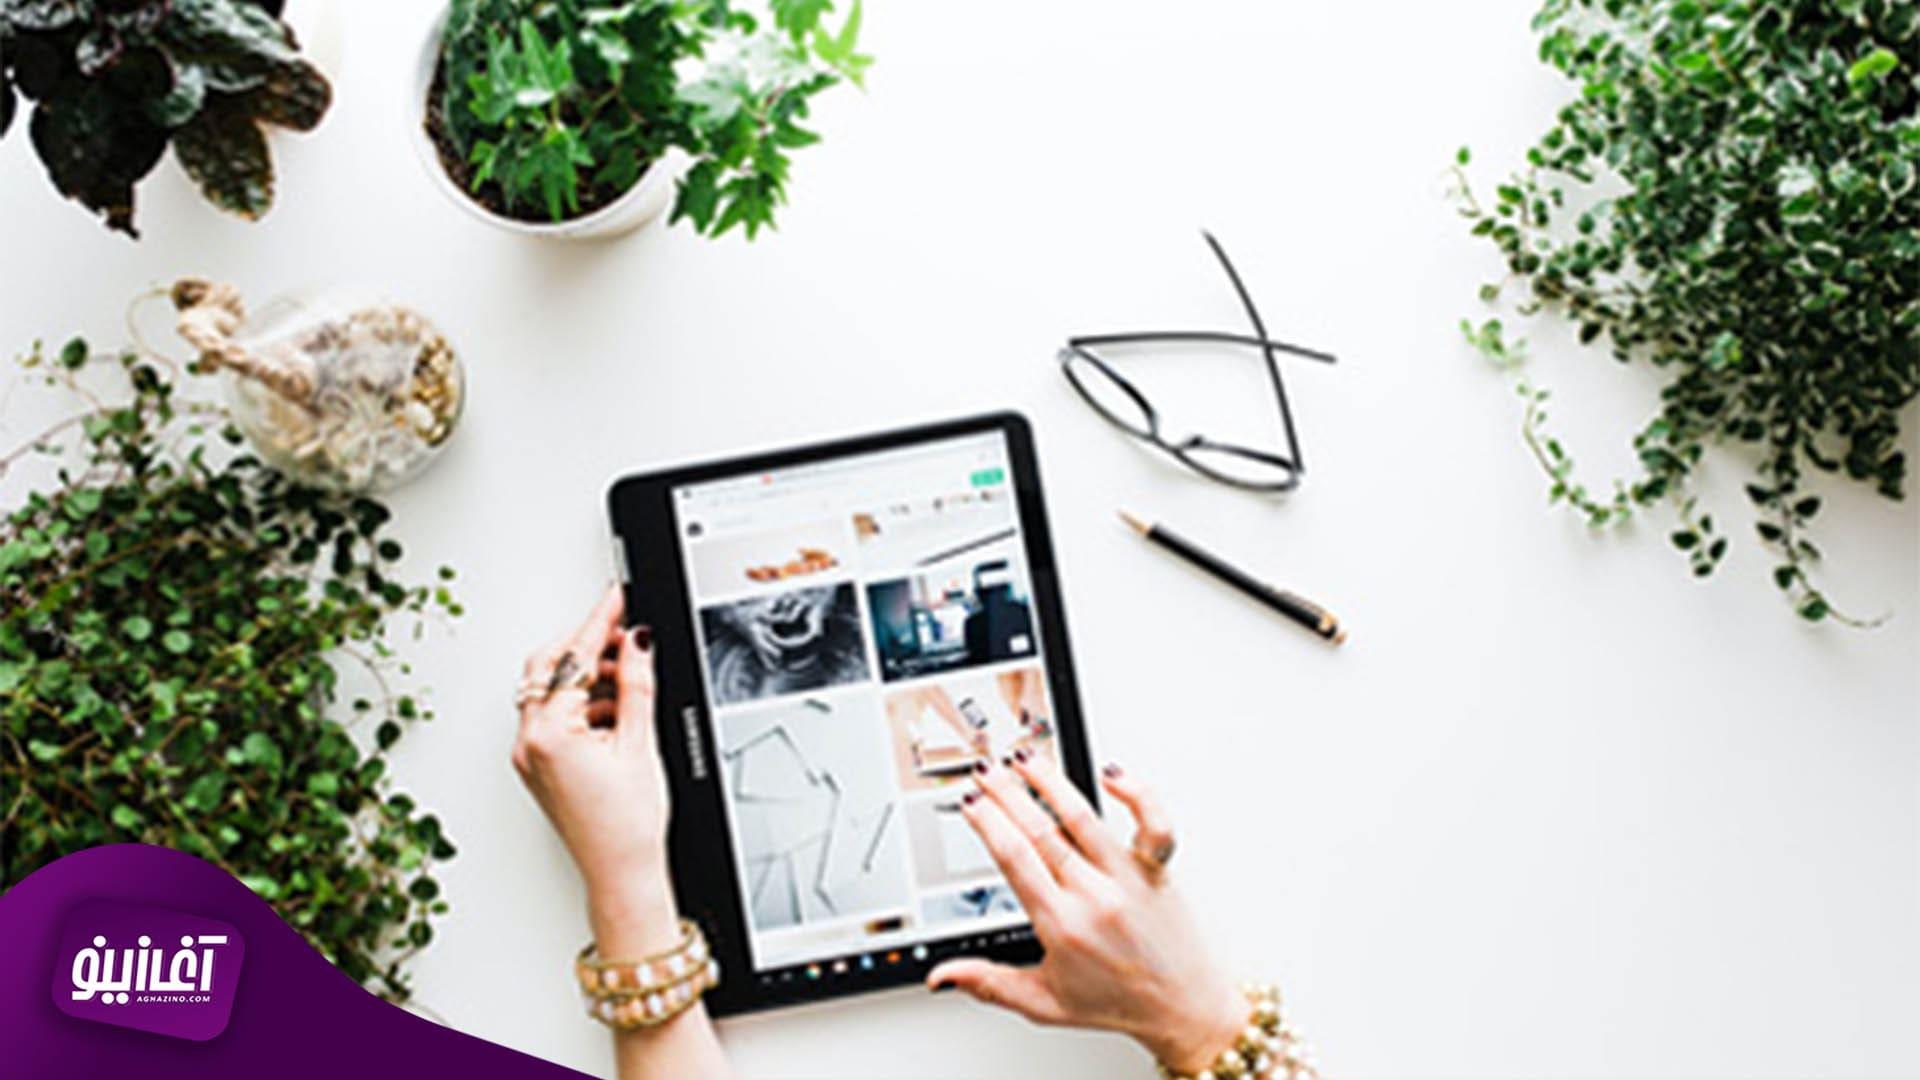 ارائهی خدمات به صورت آنلاین